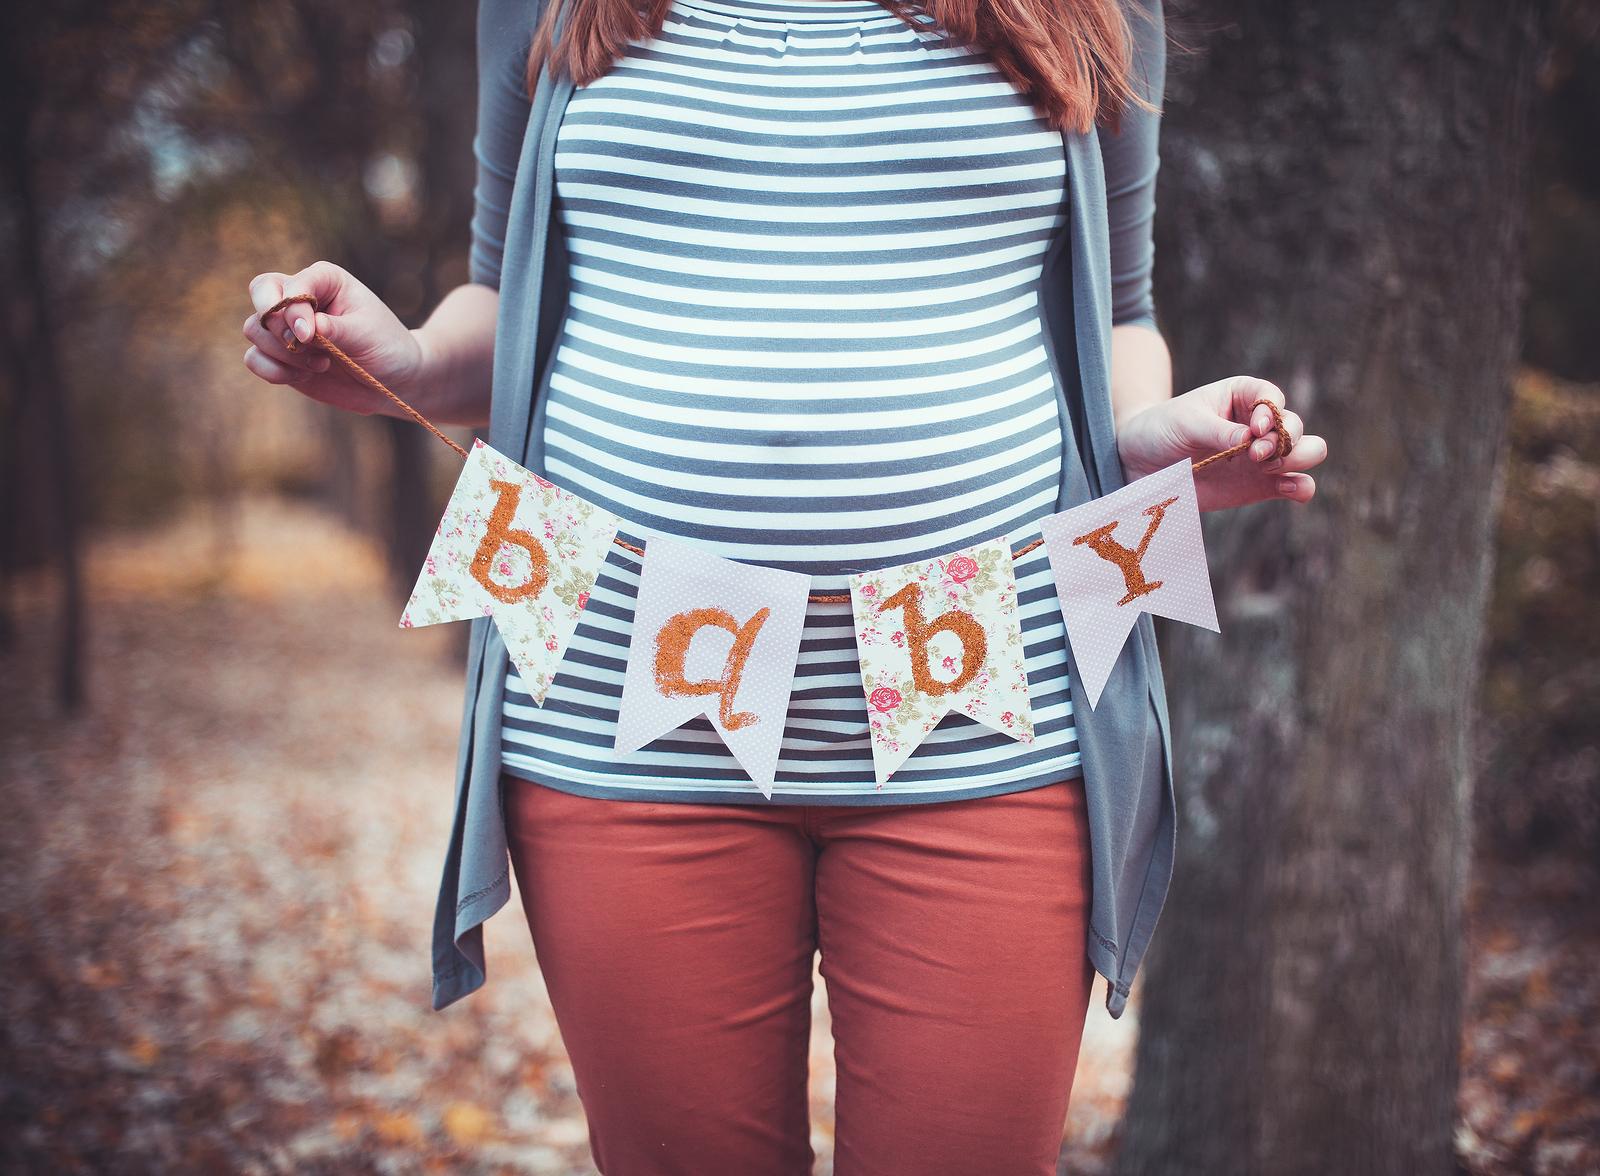 Babybauch: Ab wann wächst der Bauch? Wann sehe ich